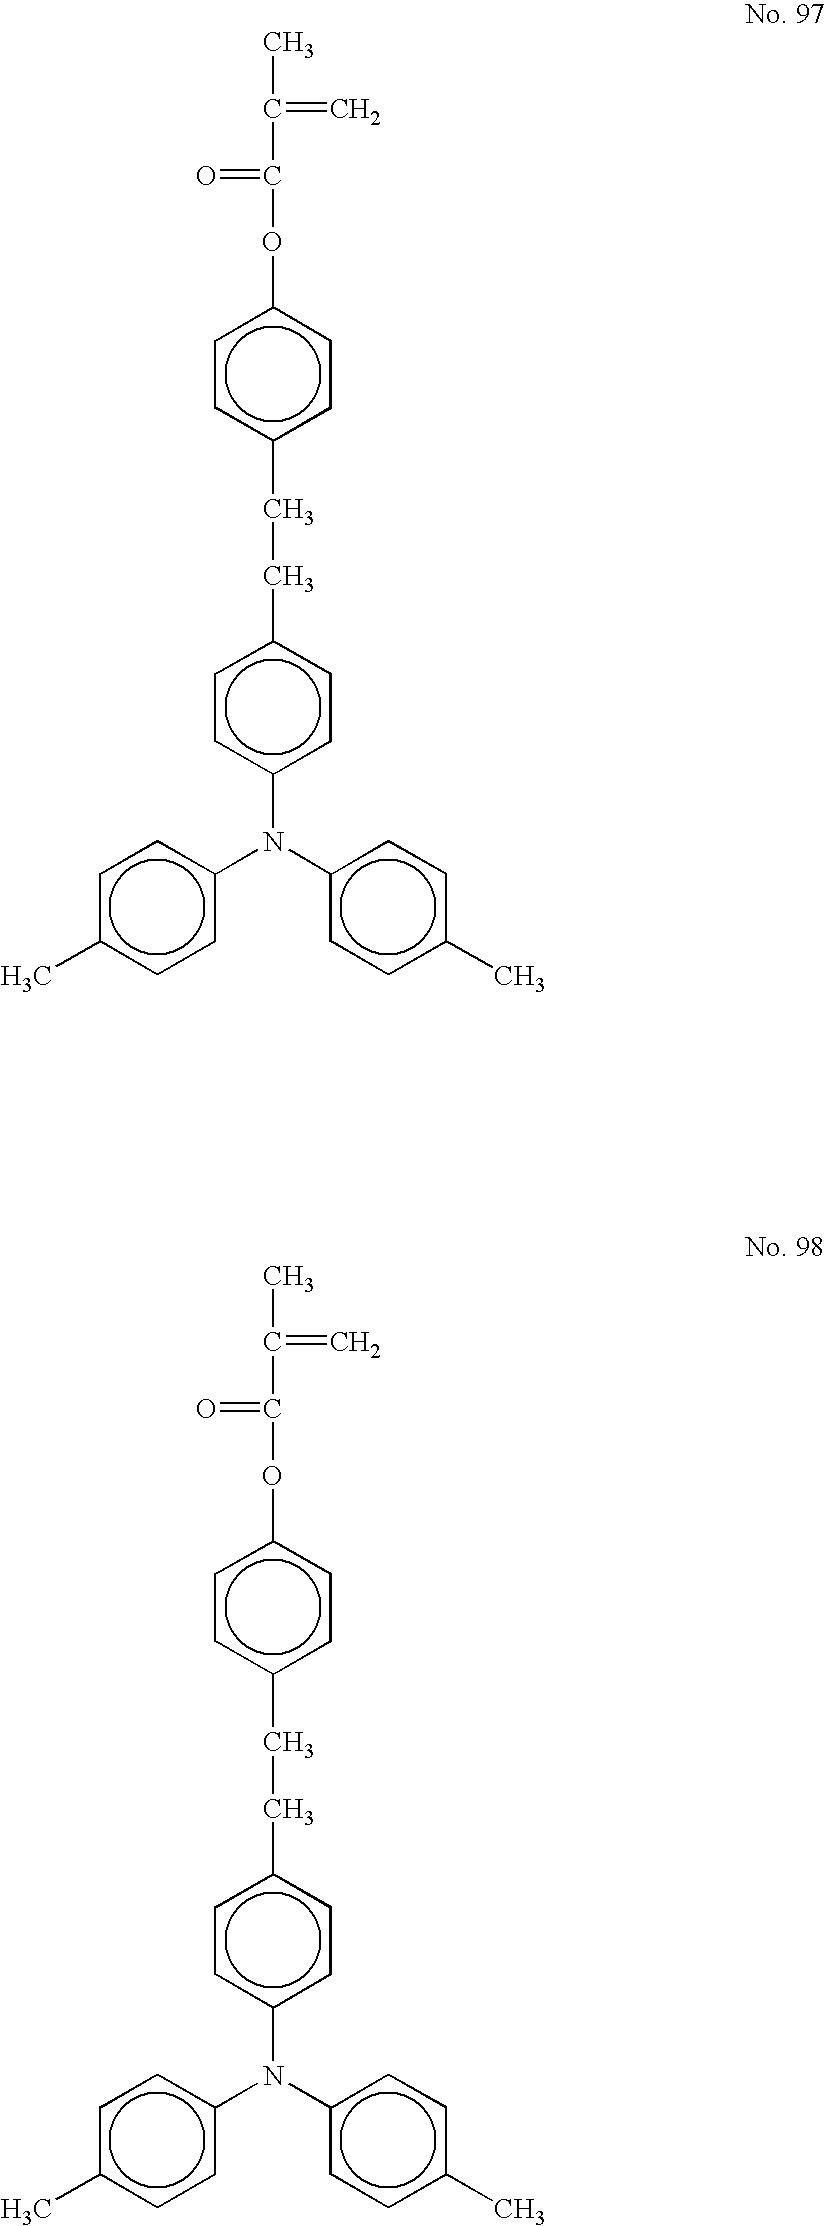 Figure US20060177749A1-20060810-C00049